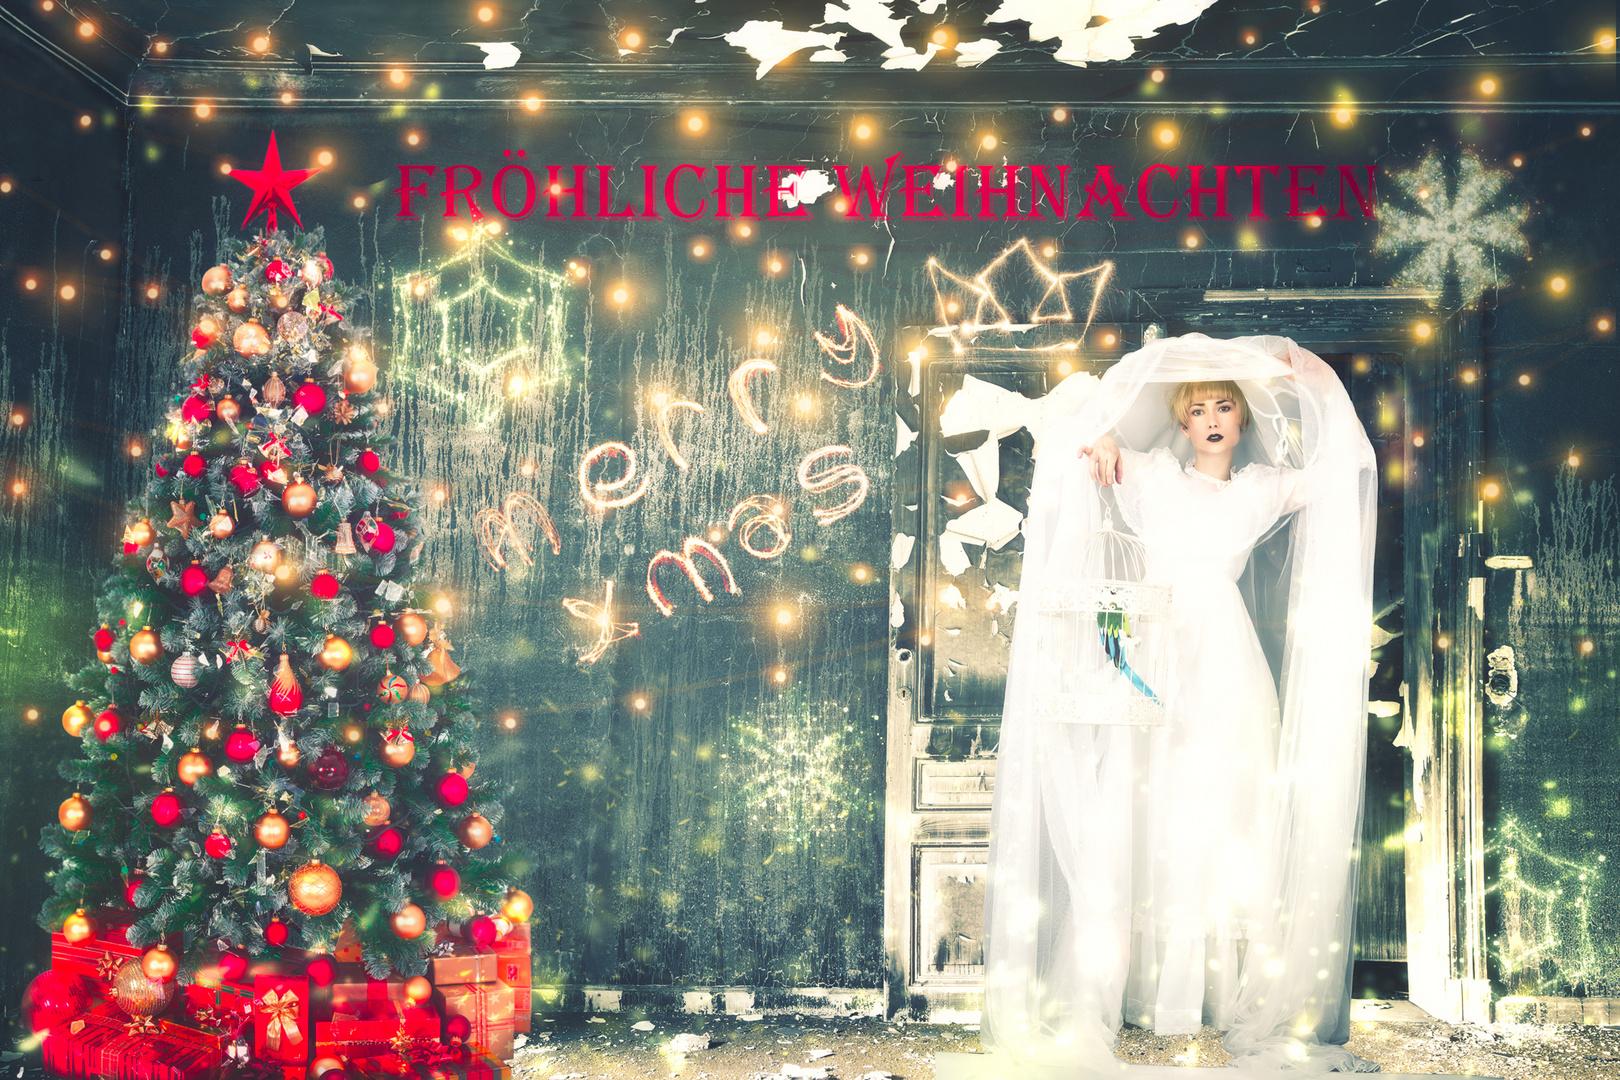 Weihnachten Mit Fantasy.Frohe Weihnachten Foto Bild Erwachsene Fotomontage Fantasy